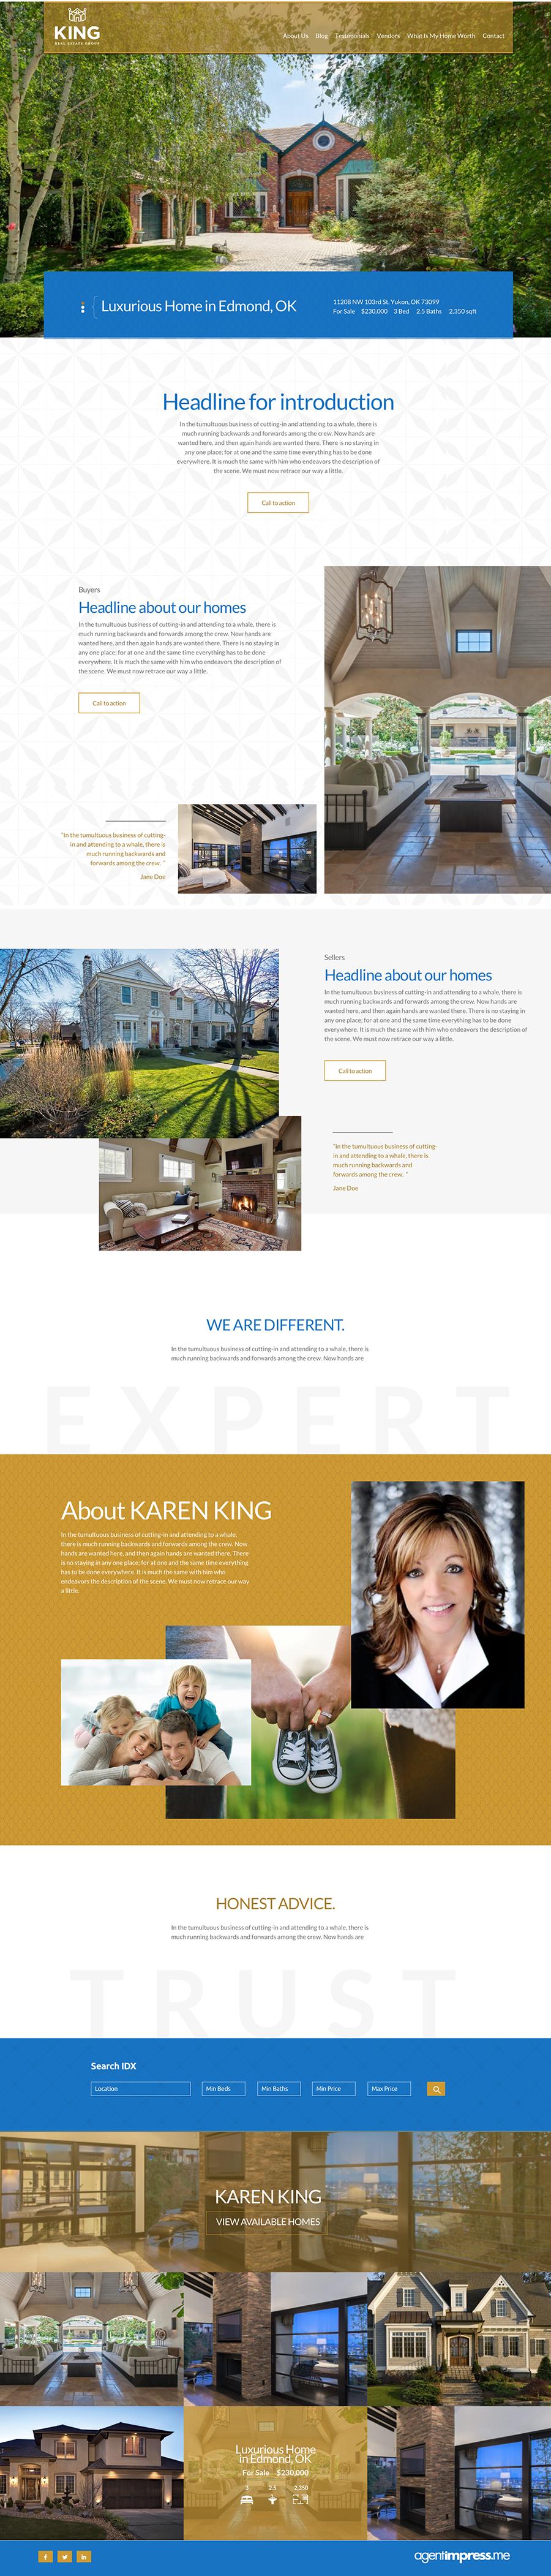 Karen King Homepage